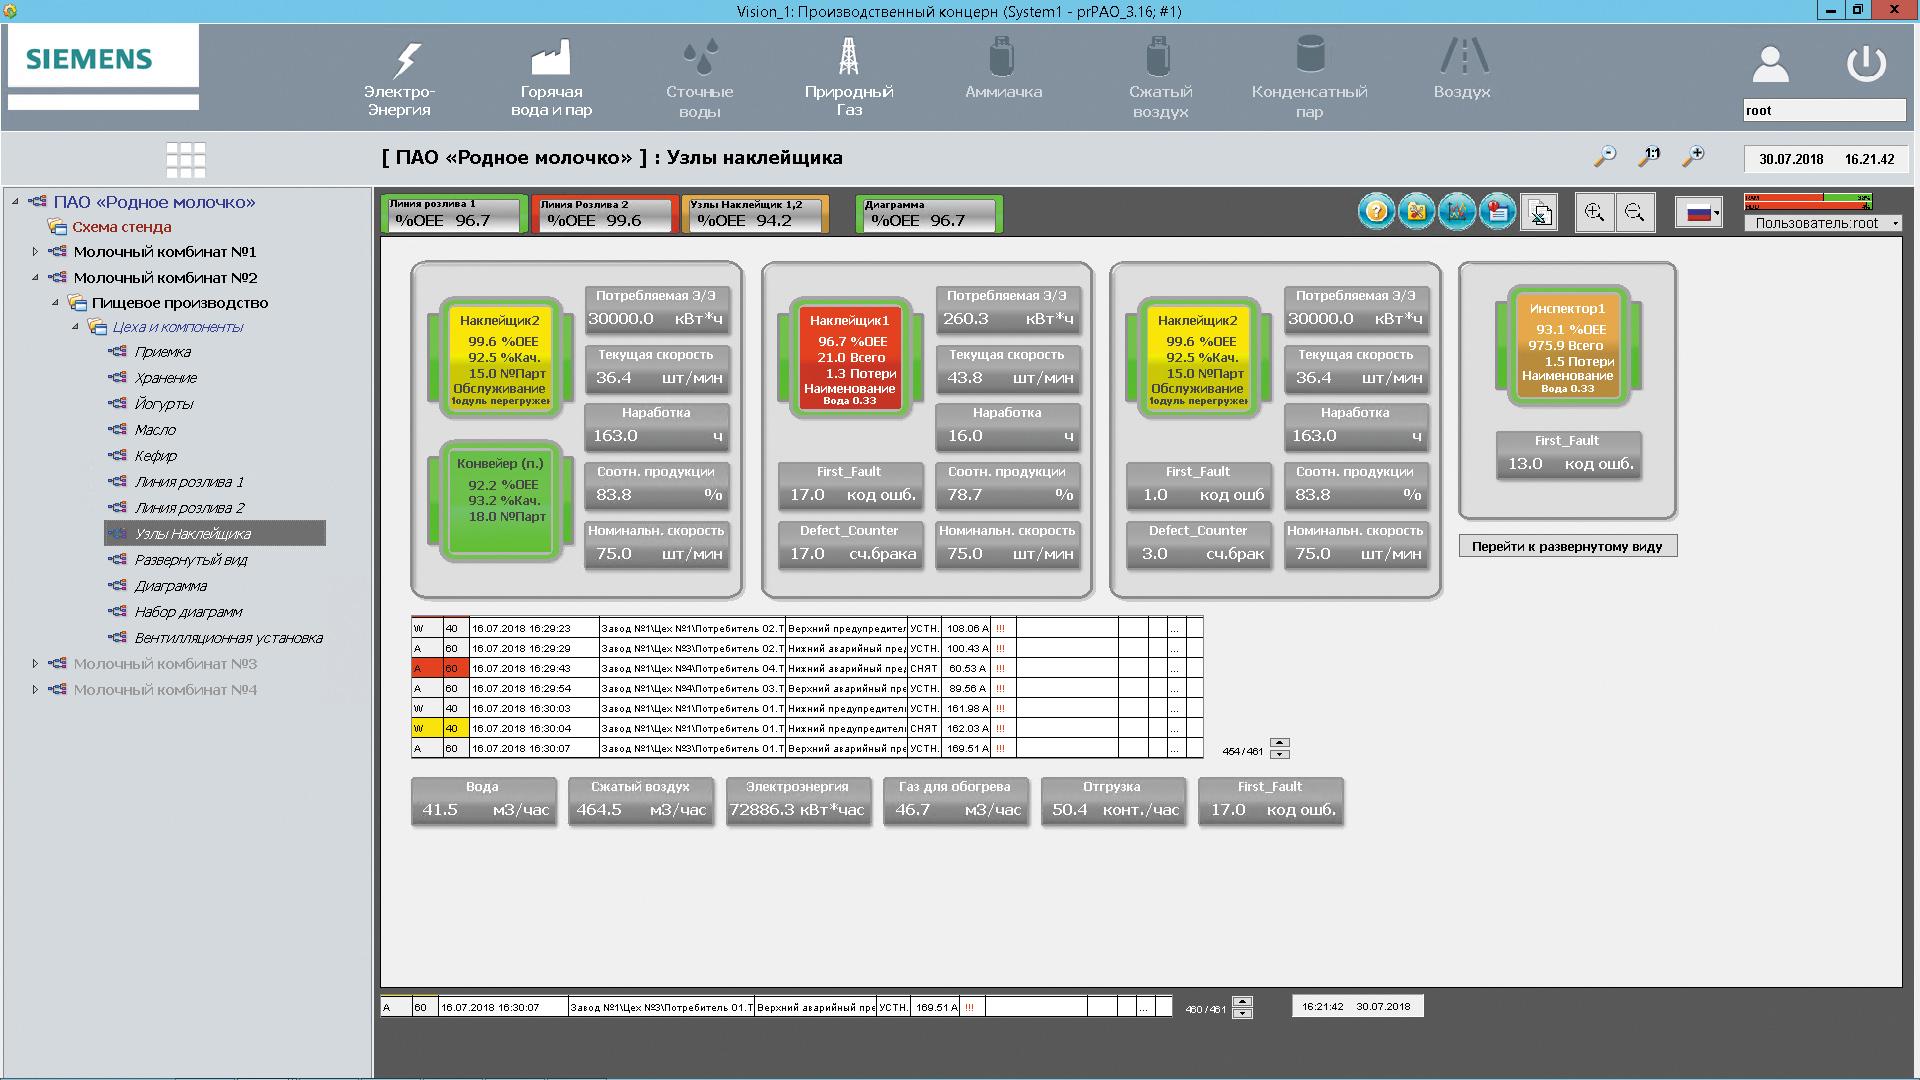 Отображение накопленных данных WinСС OA